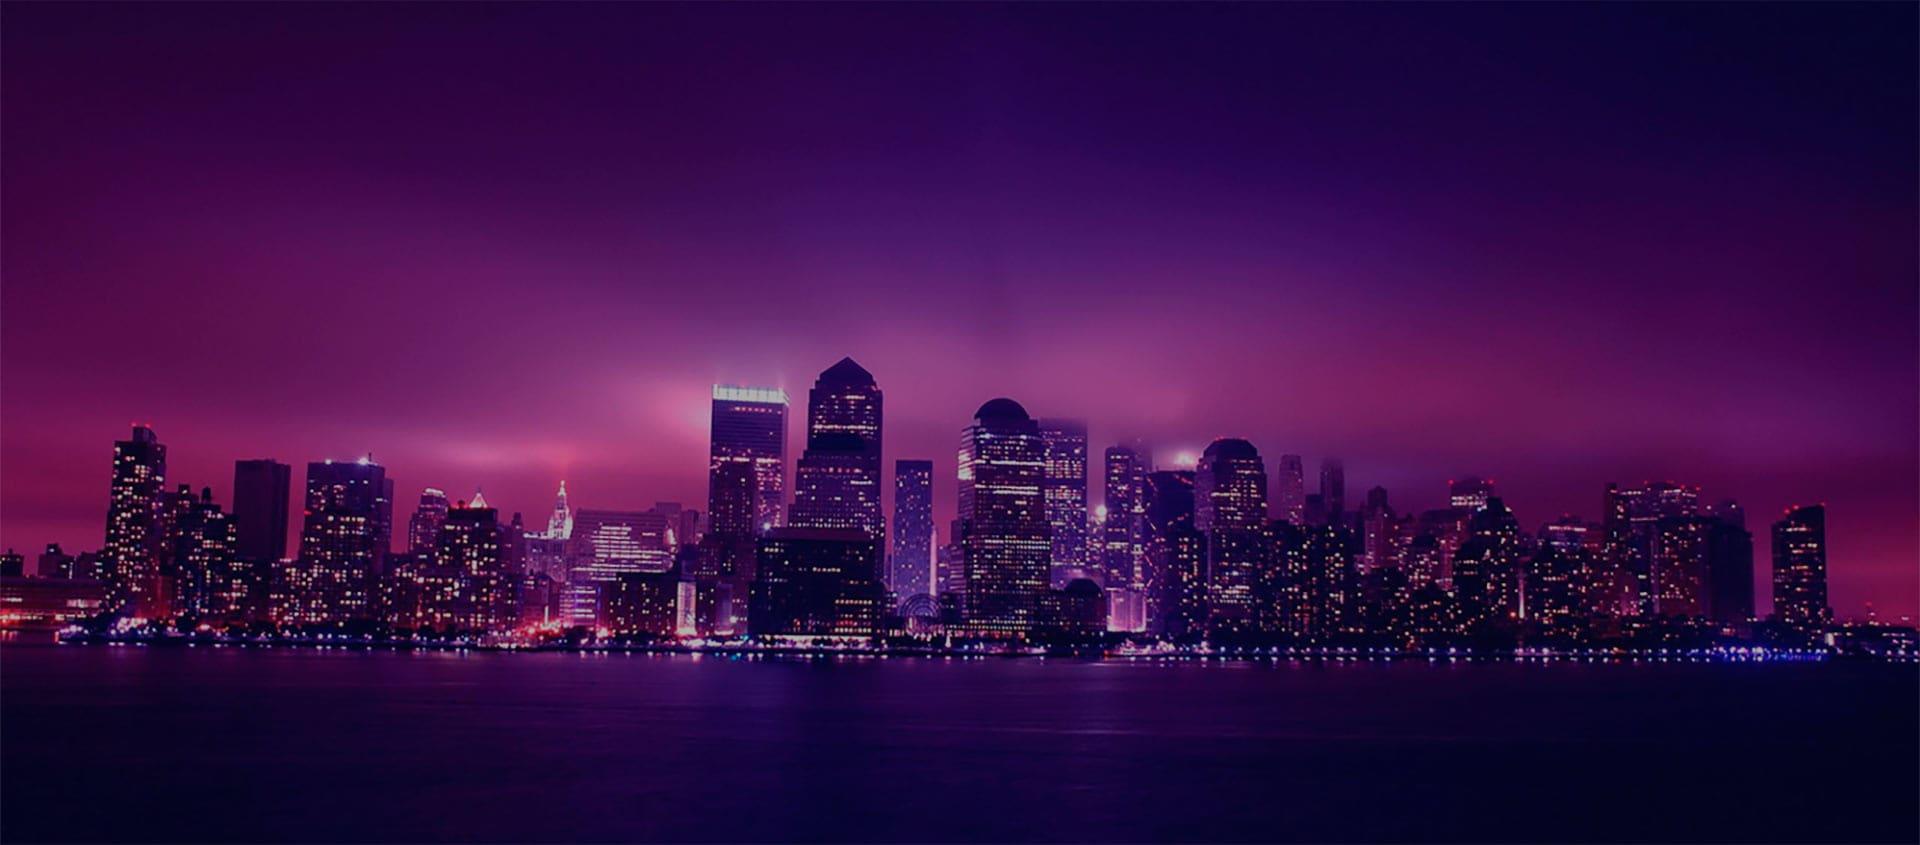 Horizonte noturno de uma metrópole